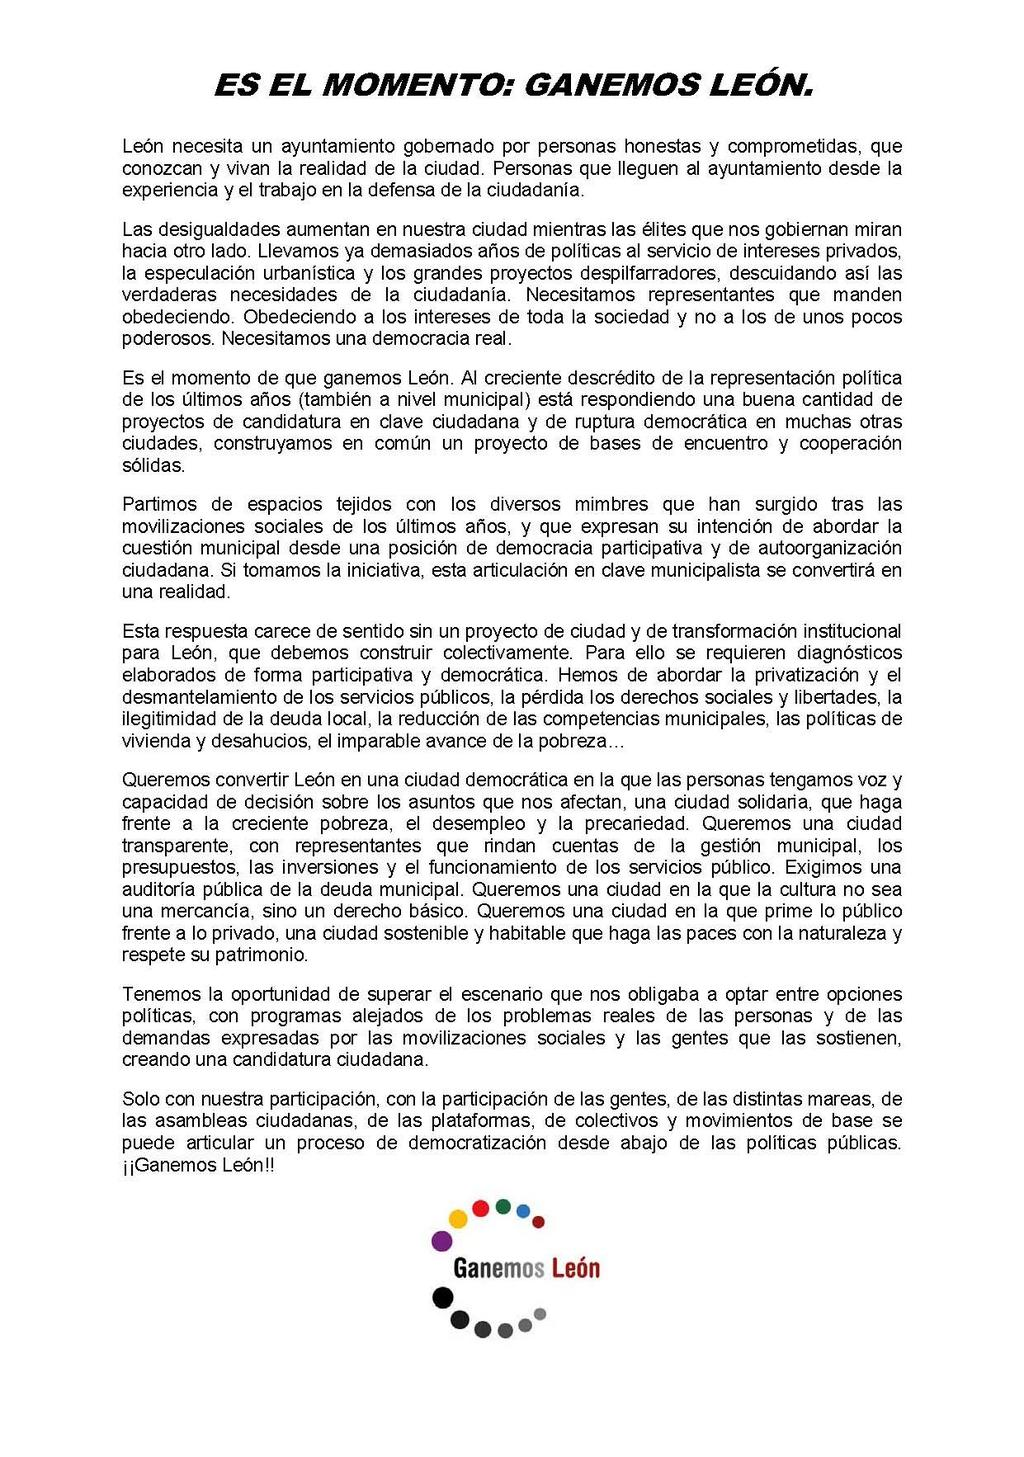 Hoy nace #GanemosLeon. A las 20:00 horas en Ateneo Varillas. Aquí nuestro llamamiento a ciudadanía de #LeonEsp: http://t.co/CdTSOKYK0t